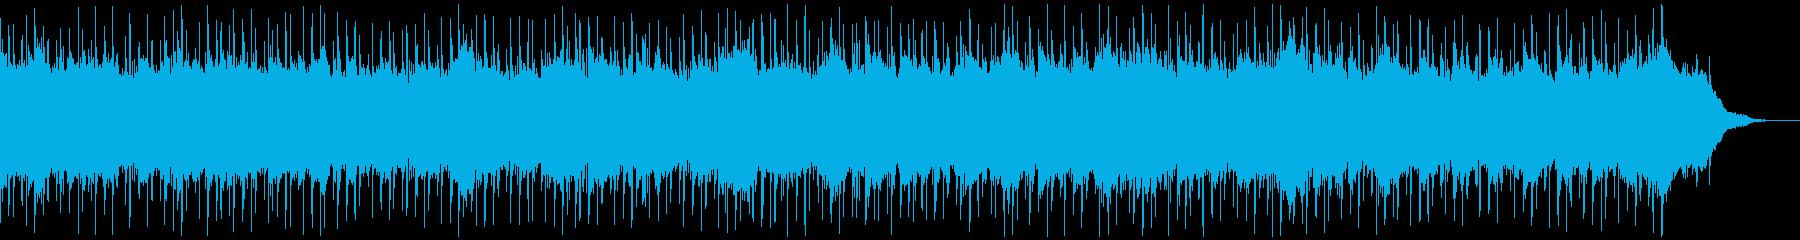 製品紹介、情報案内、くつろぎ、チルアウトの再生済みの波形